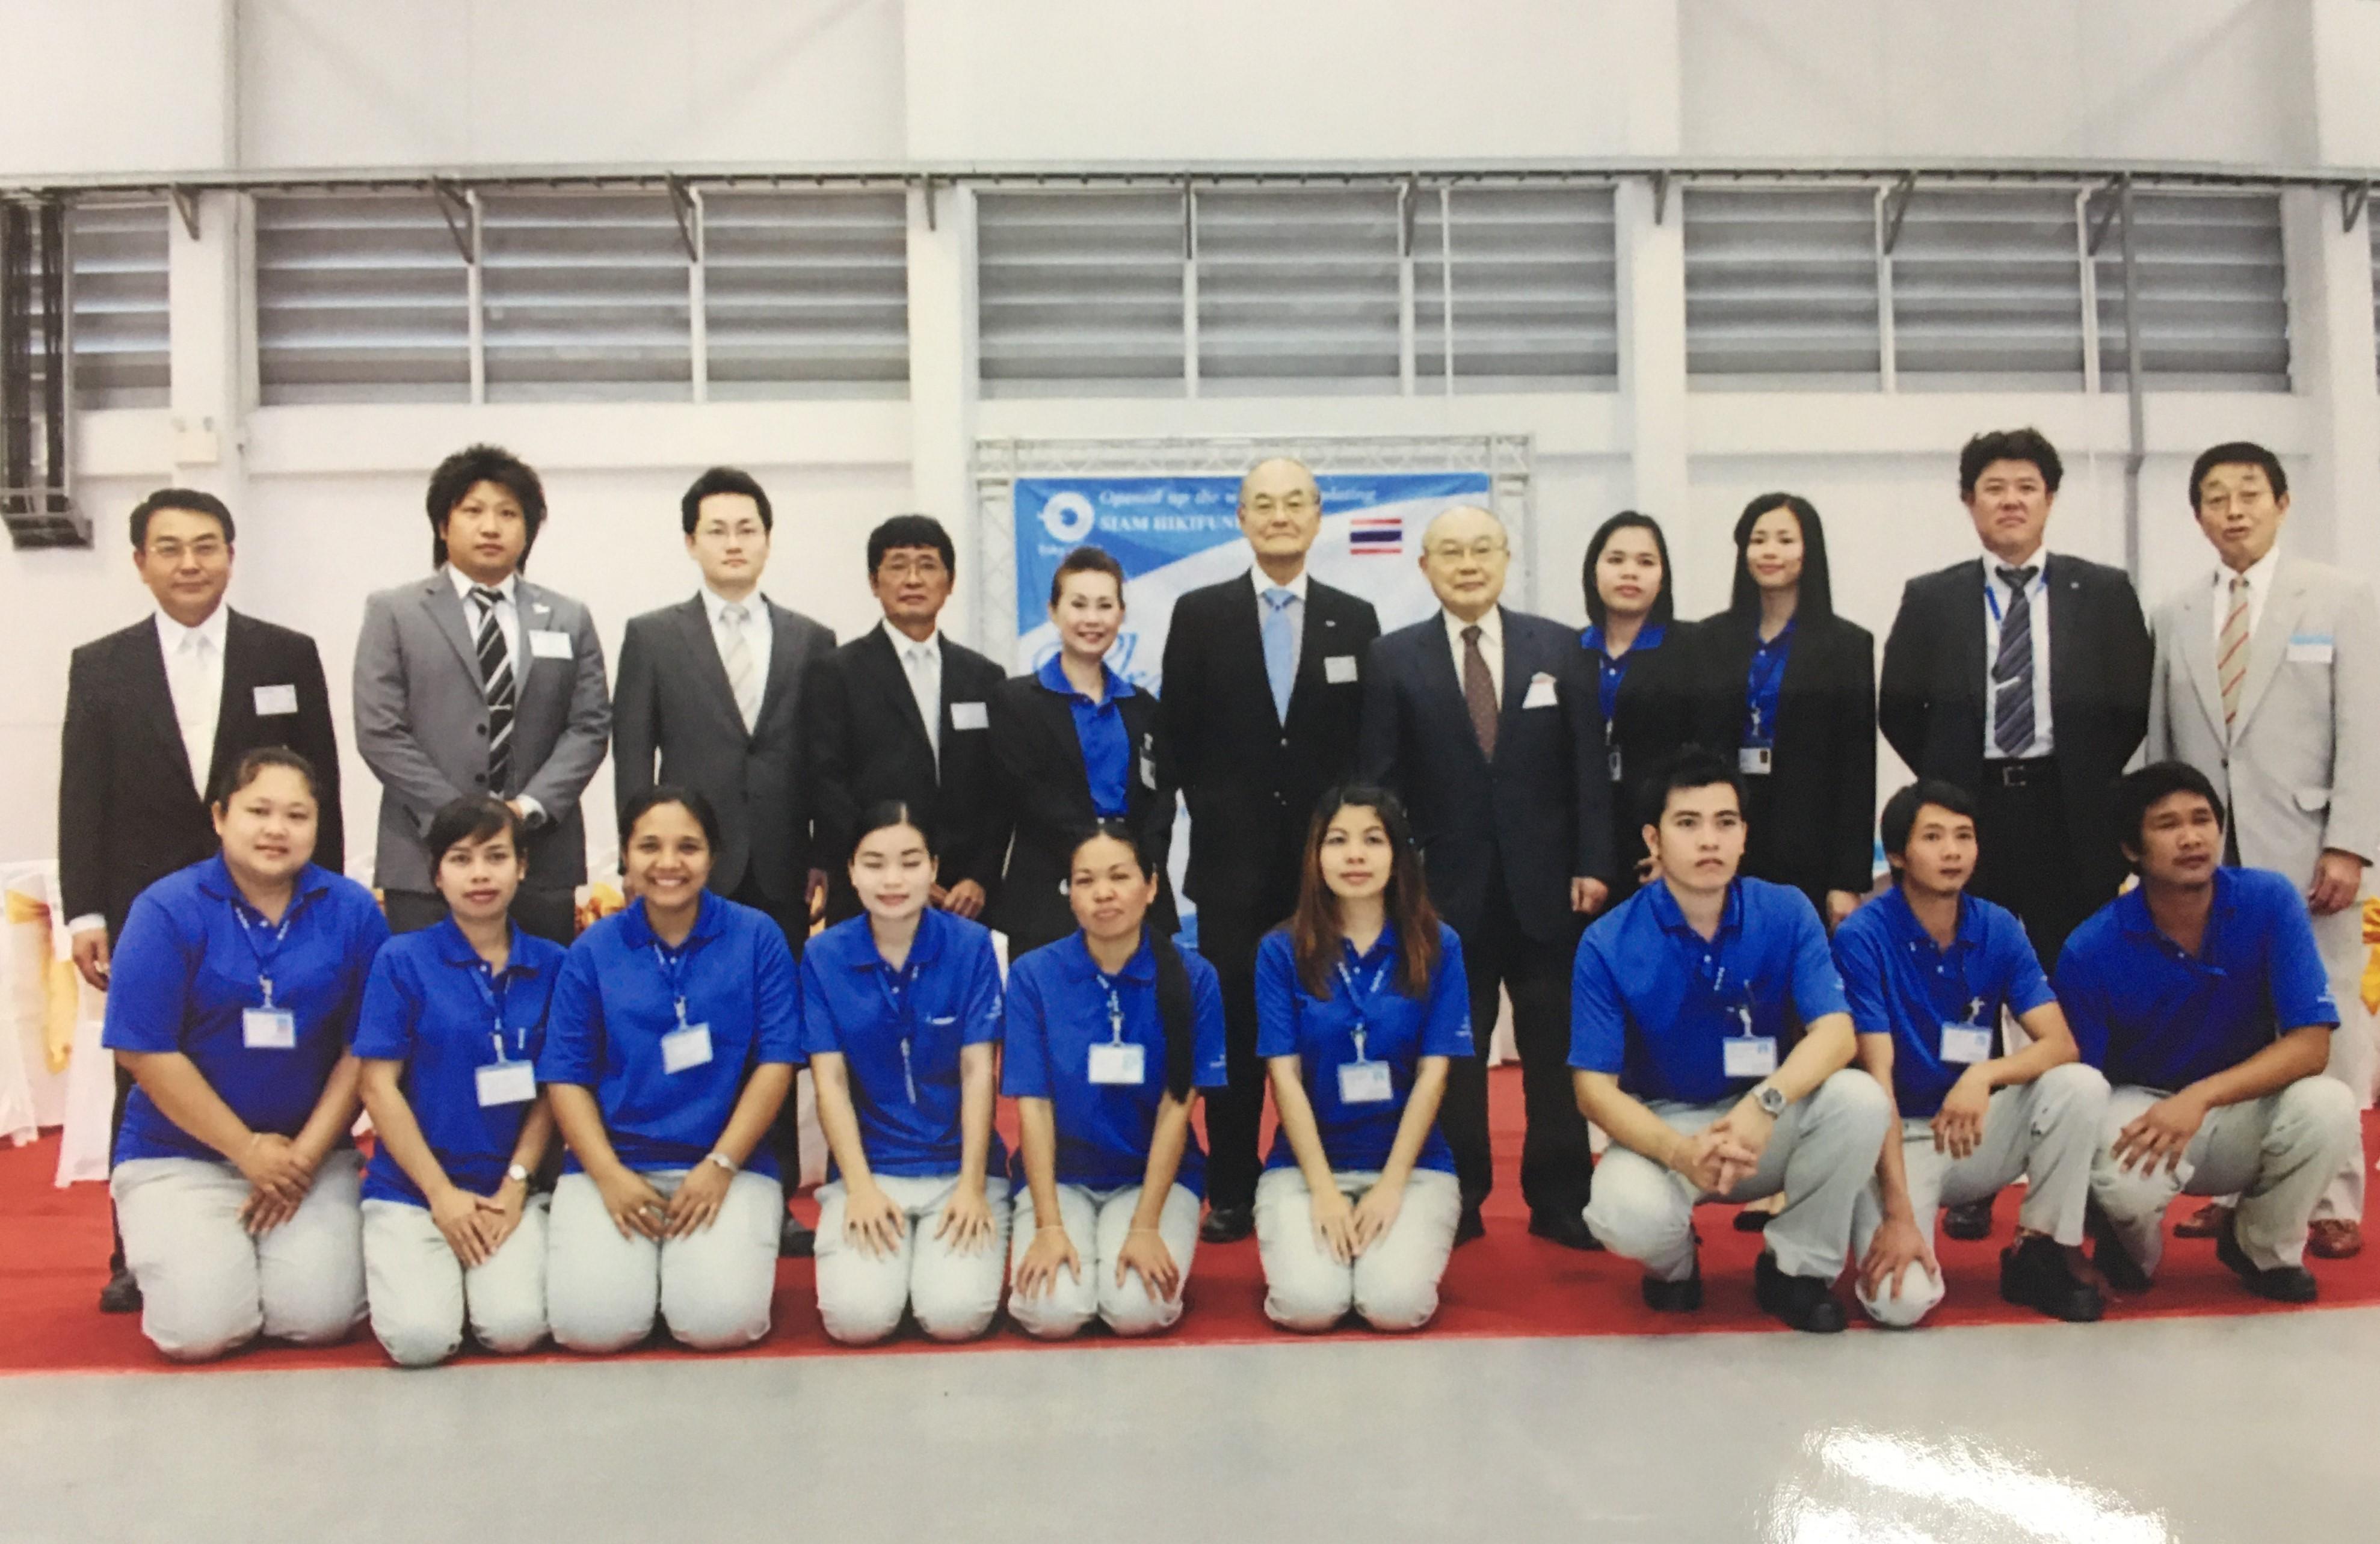 SIAM HIKIFUNEに勤めて7年が経過し…【タイの顧客を納得させるめっき技術/サイアムヒキフネ】